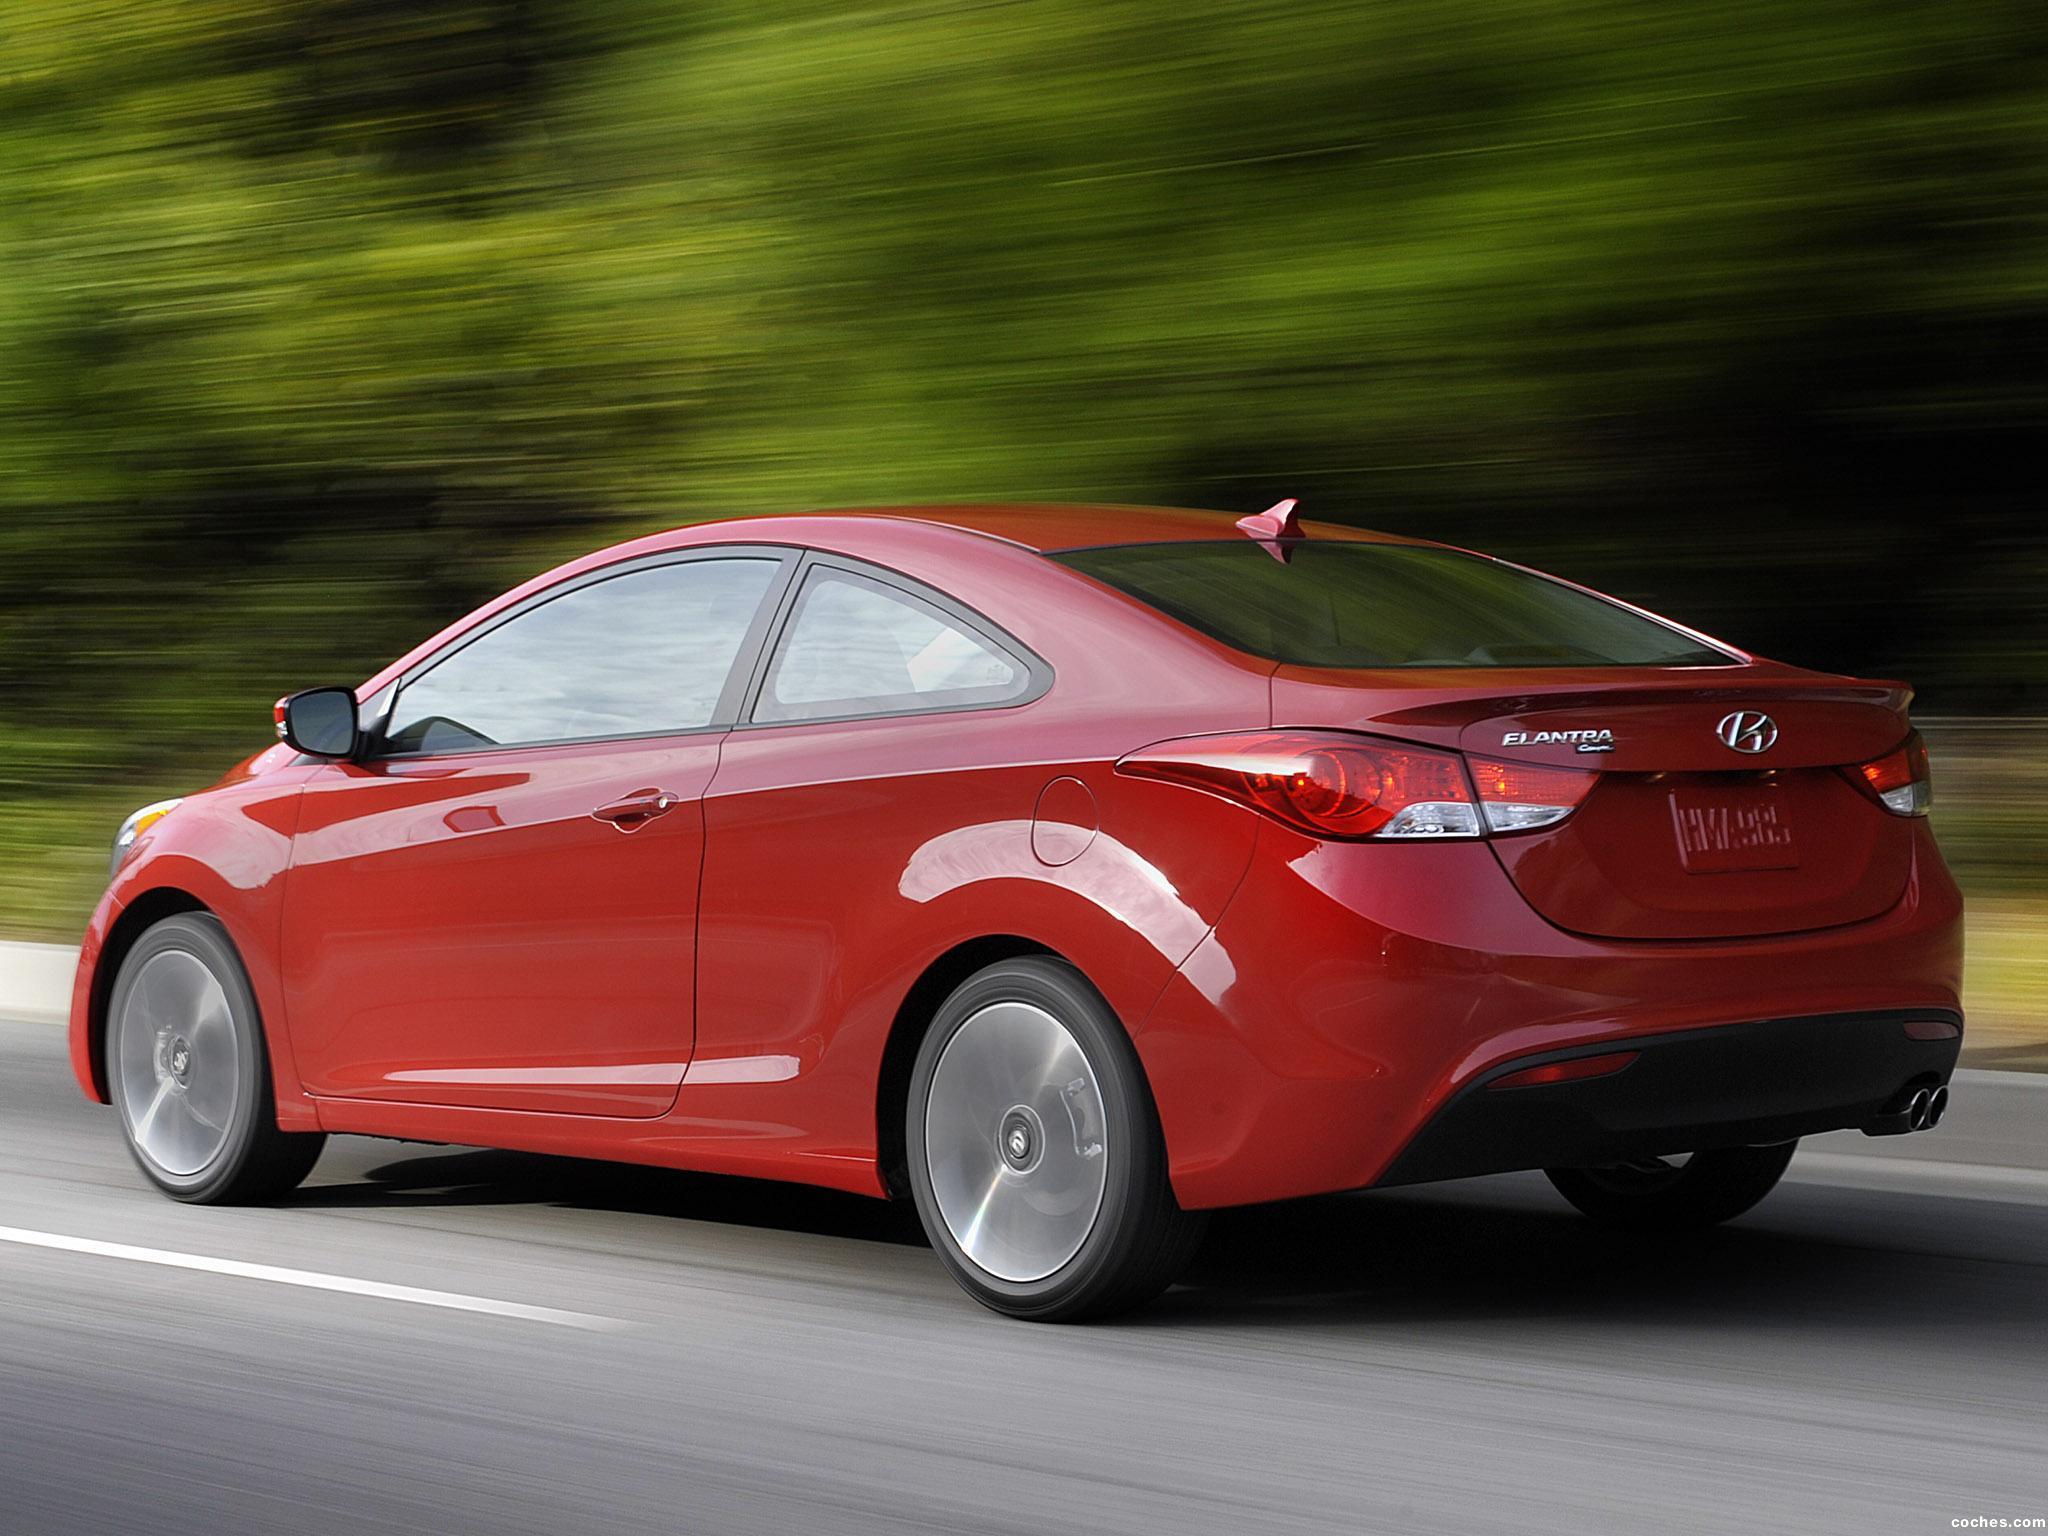 Foto 6 de Hyundai Elantra Coupe USA 2012